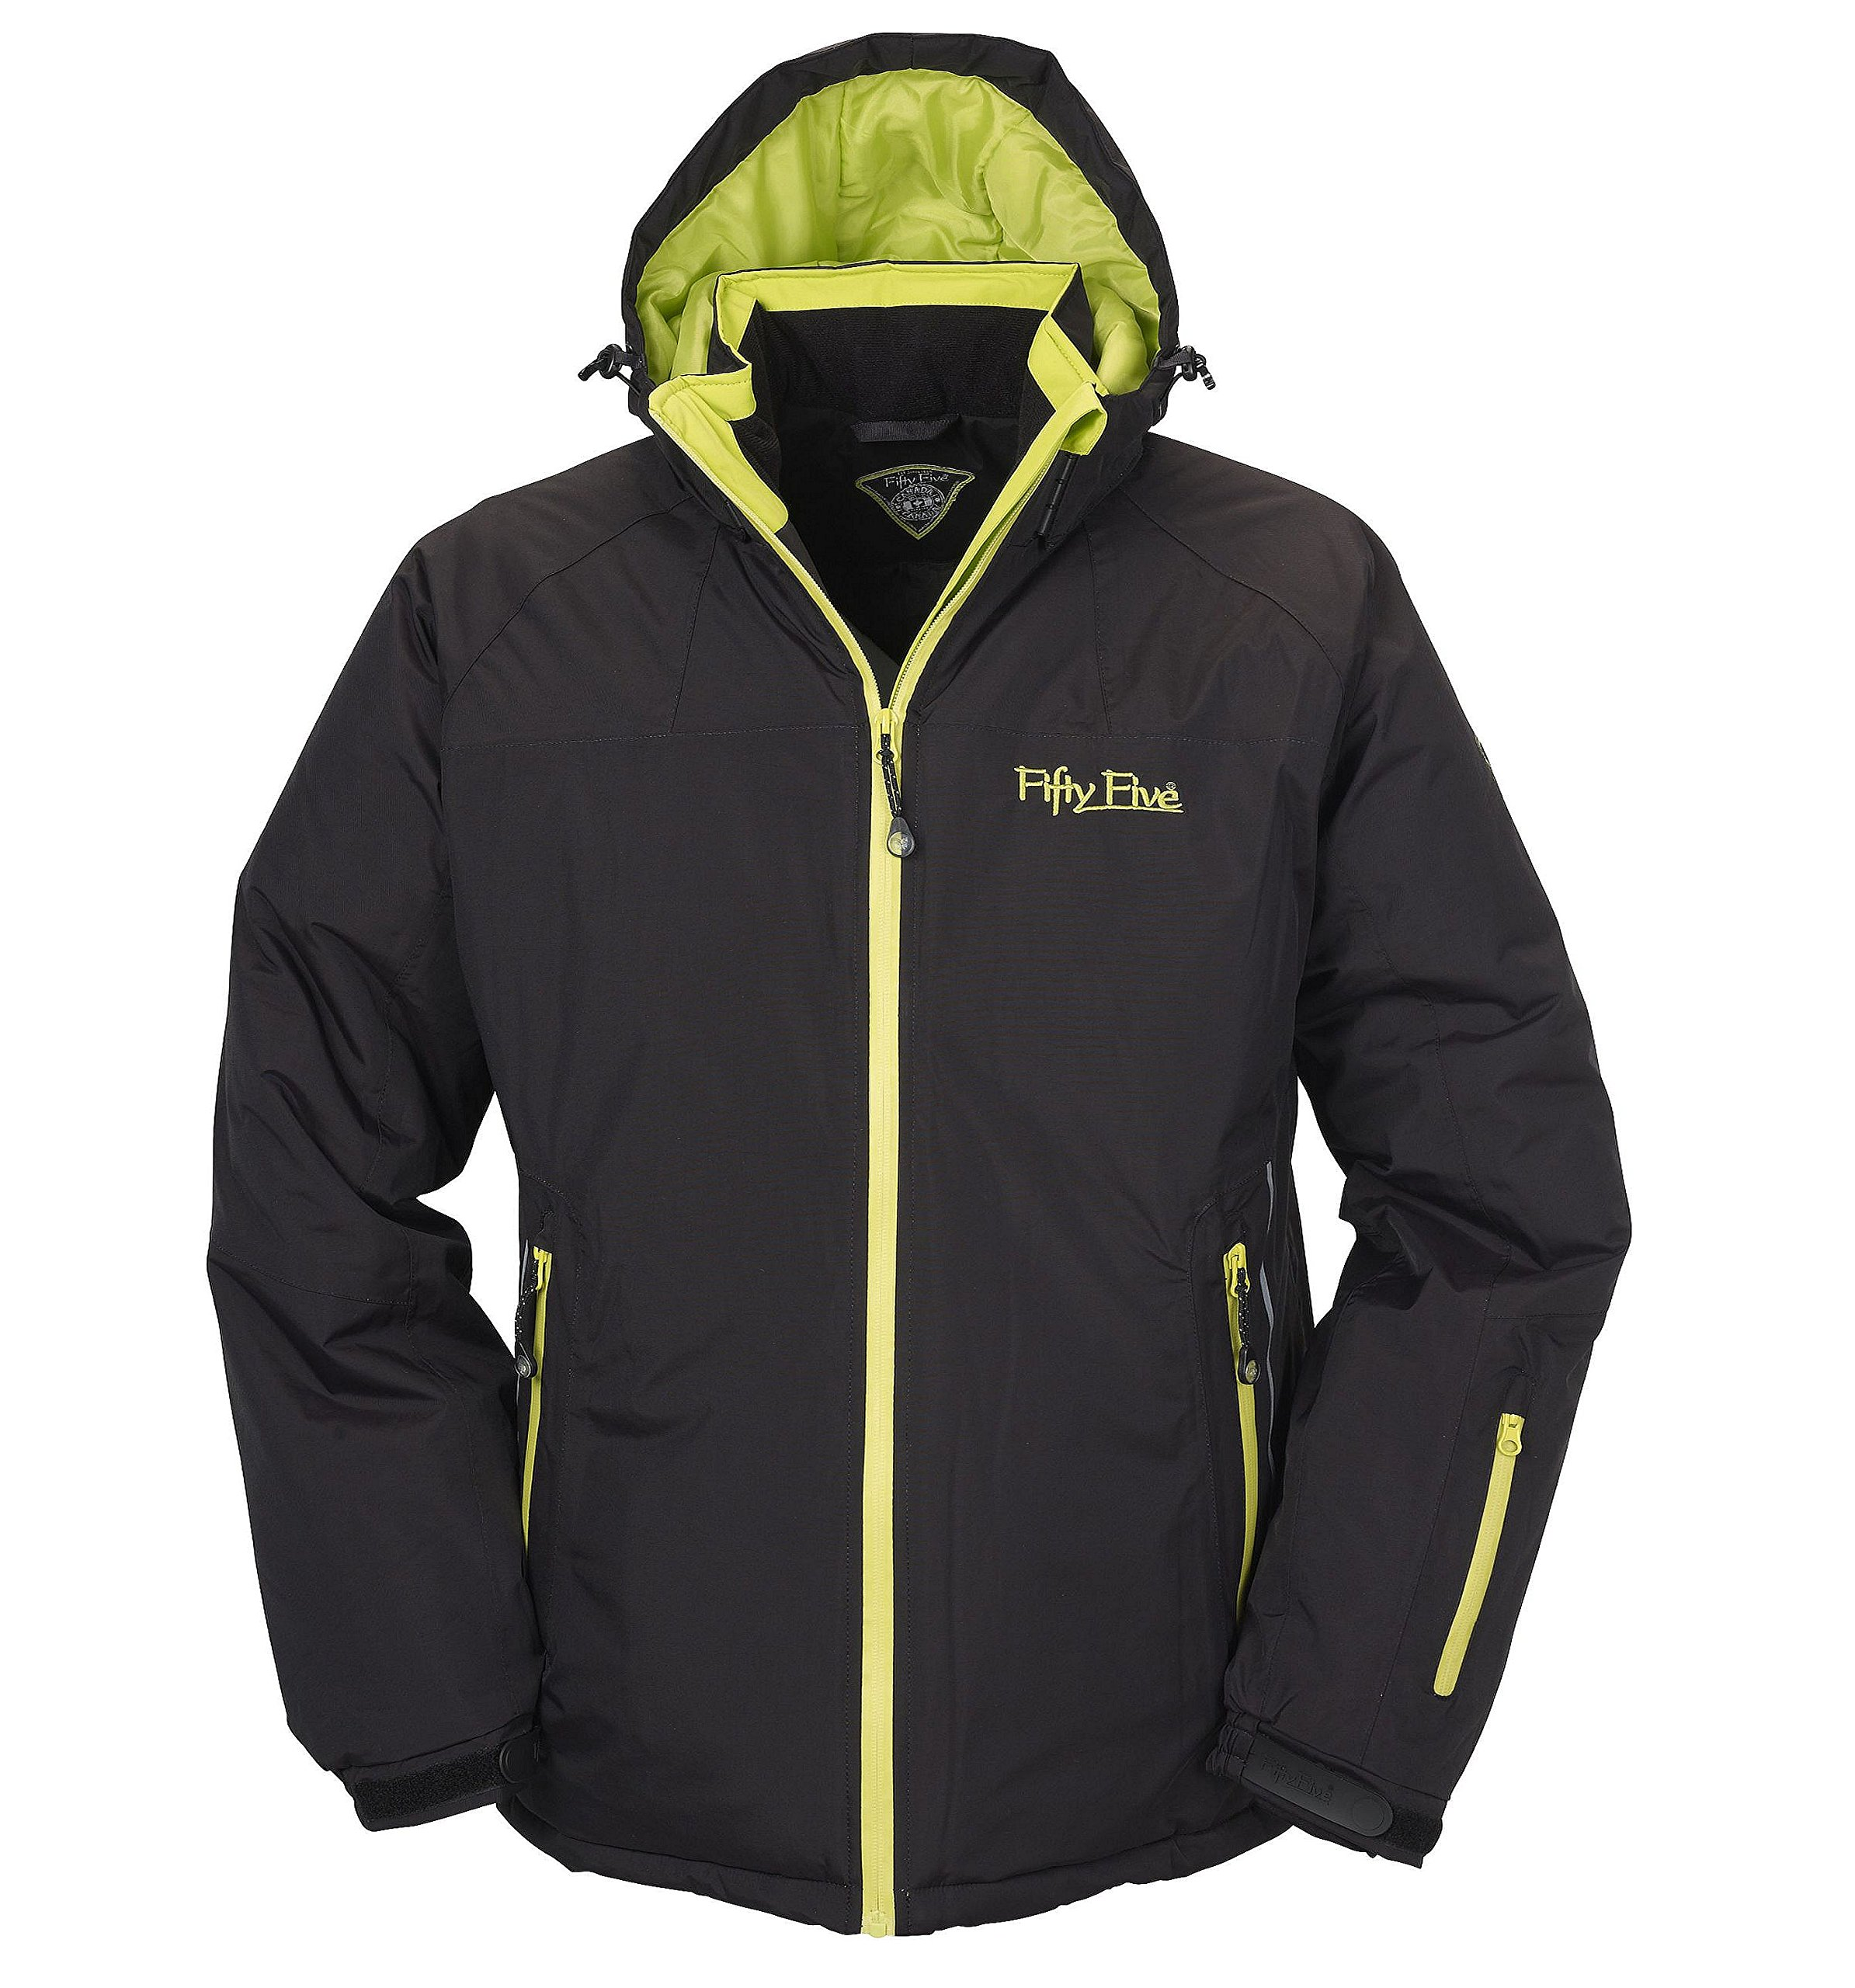 sehr bekannt große Auswahl an Farben größte Auswahl Am besten bewertete Produkte in der Kategorie Ski-Jacken für ...